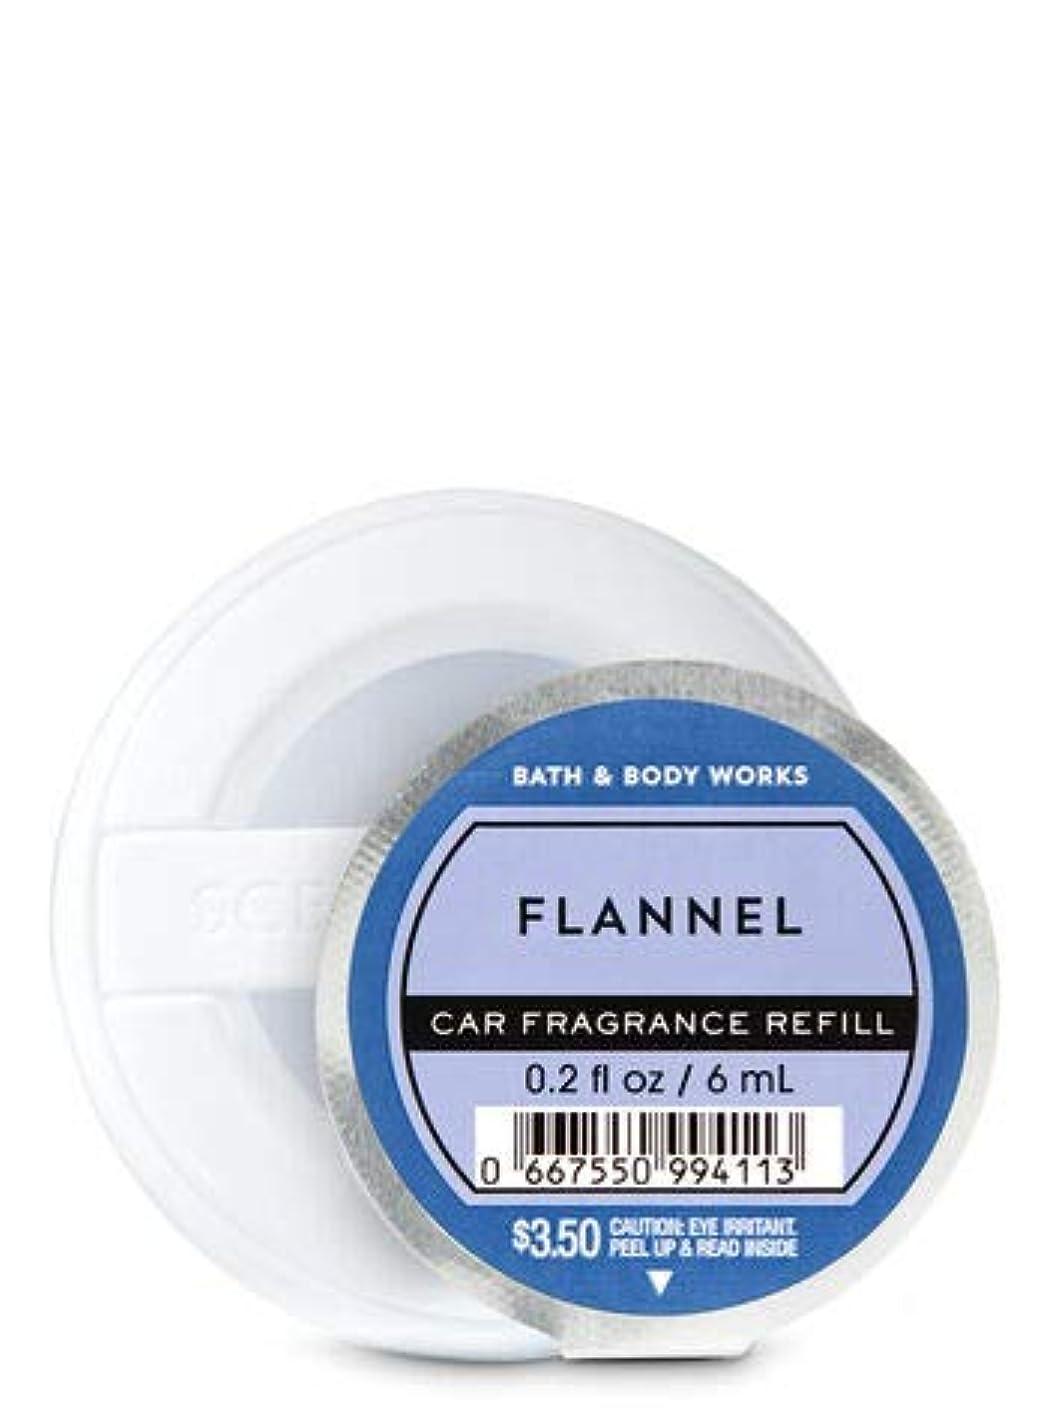 タール共産主義者舌な【Bath&Body Works/バス&ボディワークス】 クリップ式芳香剤 セントポータブル詰替えリフィル フランネル Scentportable Fragrance Refill Flannel [並行輸入品]